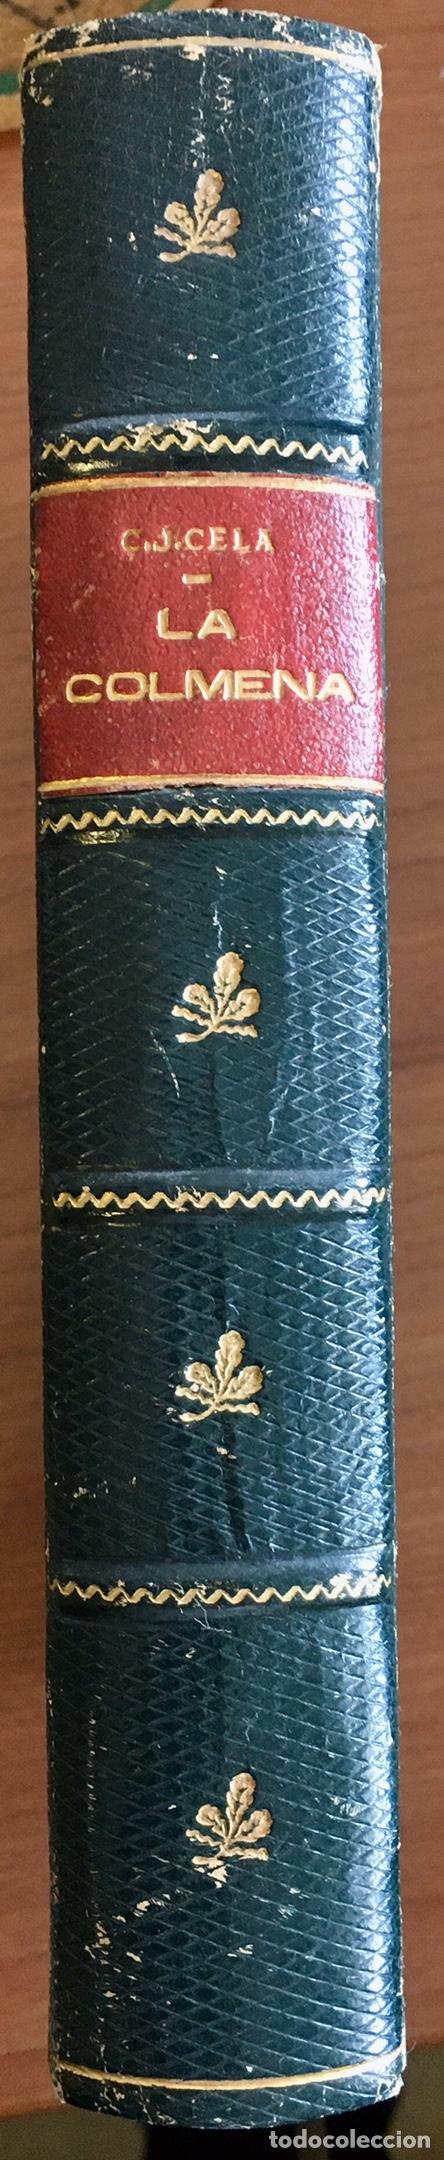 LA COLMENA, CAMILO JOSÉ CELA. EDITORIAL NOGUER 1962 (Libros de Segunda Mano (posteriores a 1936) - Literatura - Narrativa - Otros)